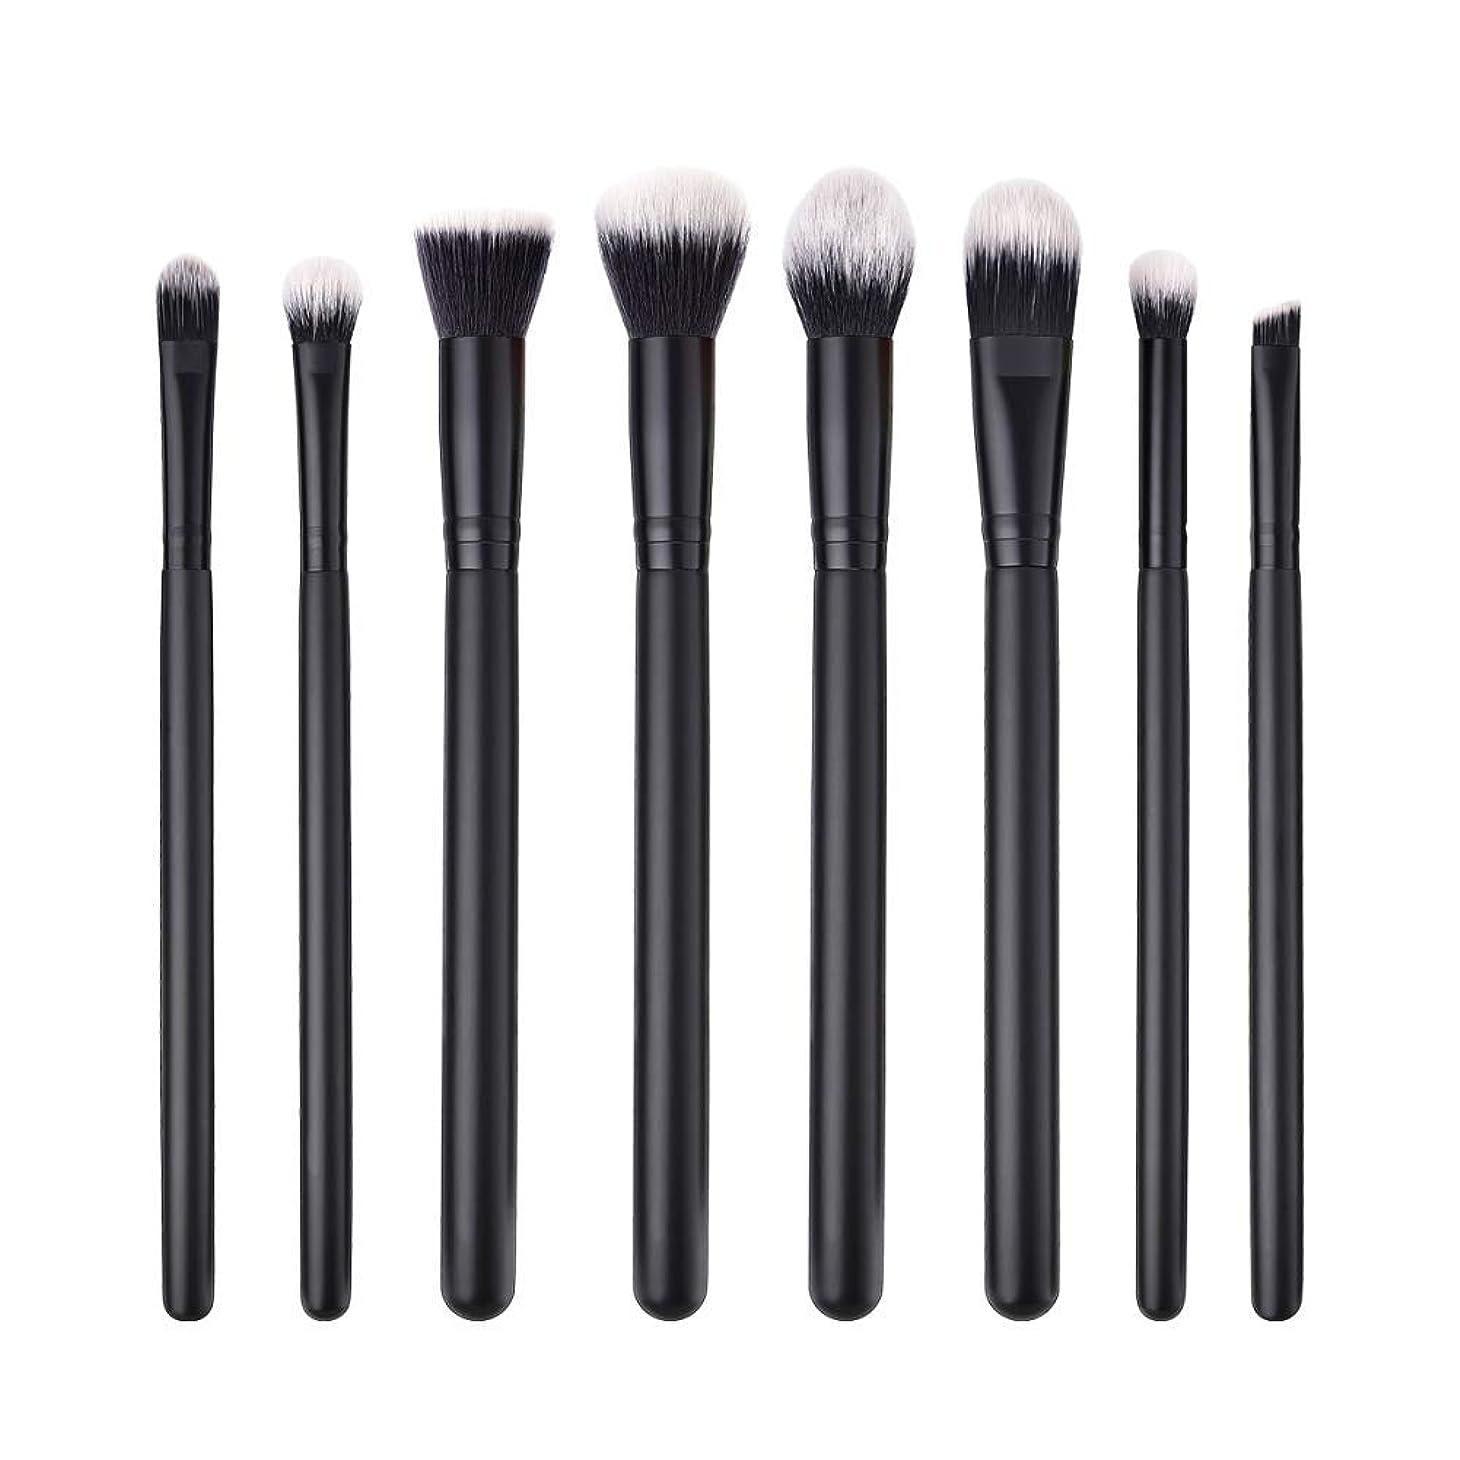 イチゴ不機嫌そうな上に築きますLUOSAI メイクアップブラシ、8ピース女性アイシャドーファンデーションパウダー美容化粧品ツール化粧ブラシセット (Color : Black)